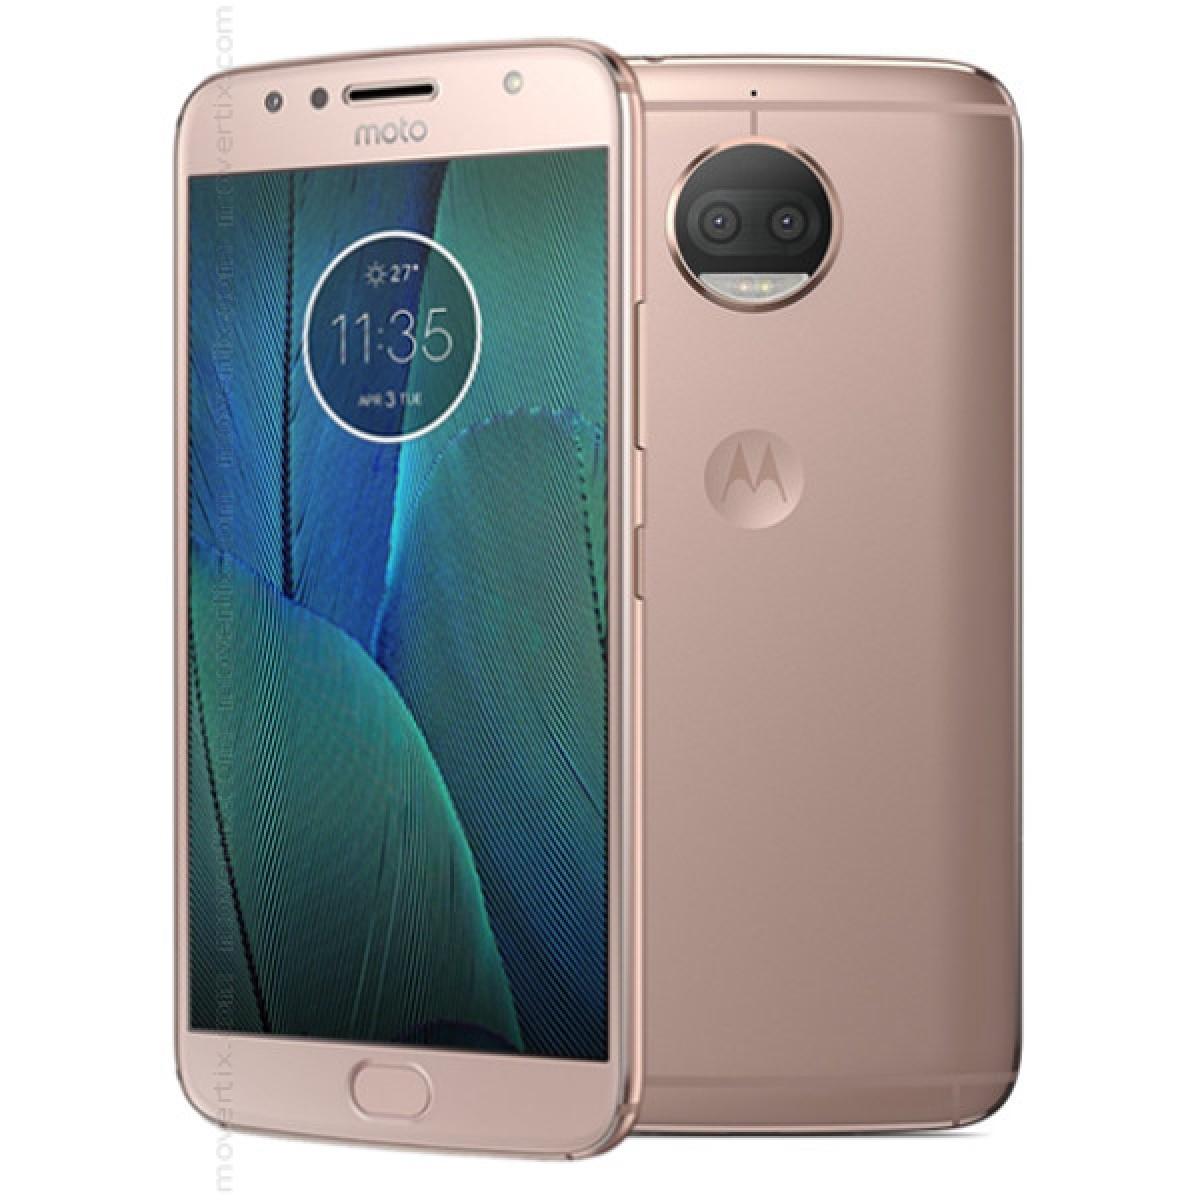 Motorola Moto G5s Plus Dual SIM en Oro (6947681556904) | Movertix Tienda de móviles libres